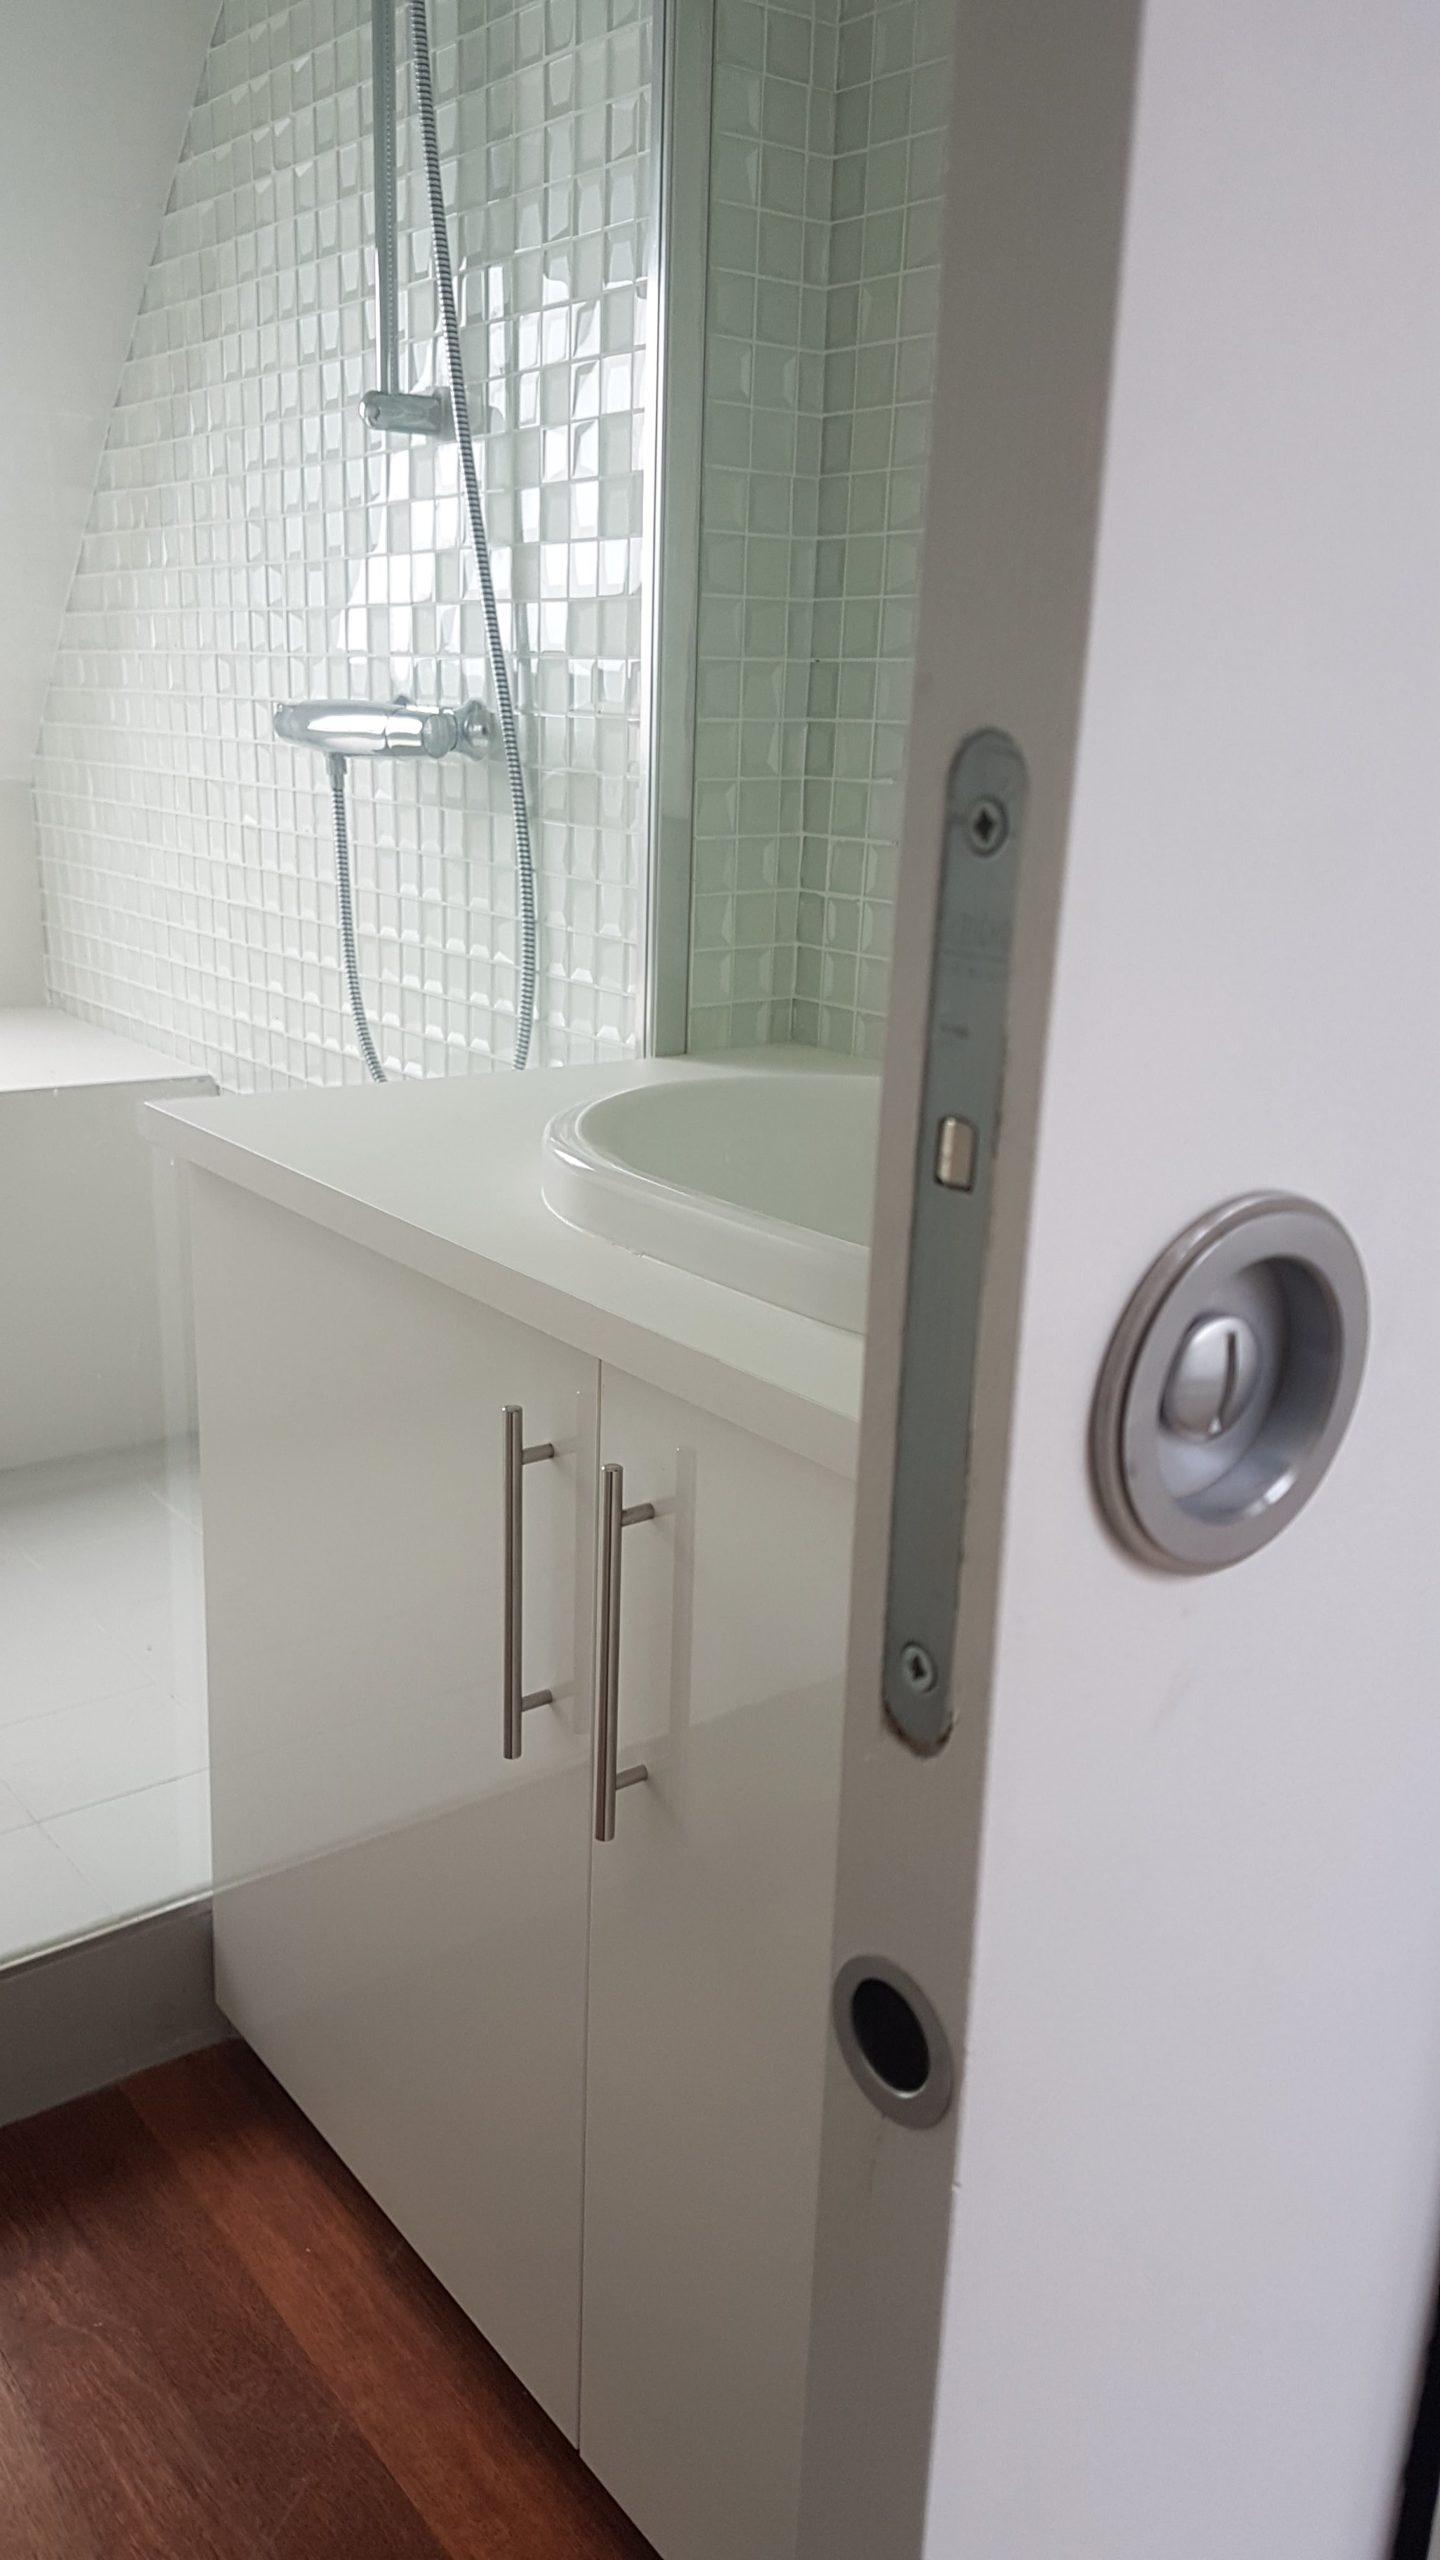 Porte à galandage sur une salle de bain